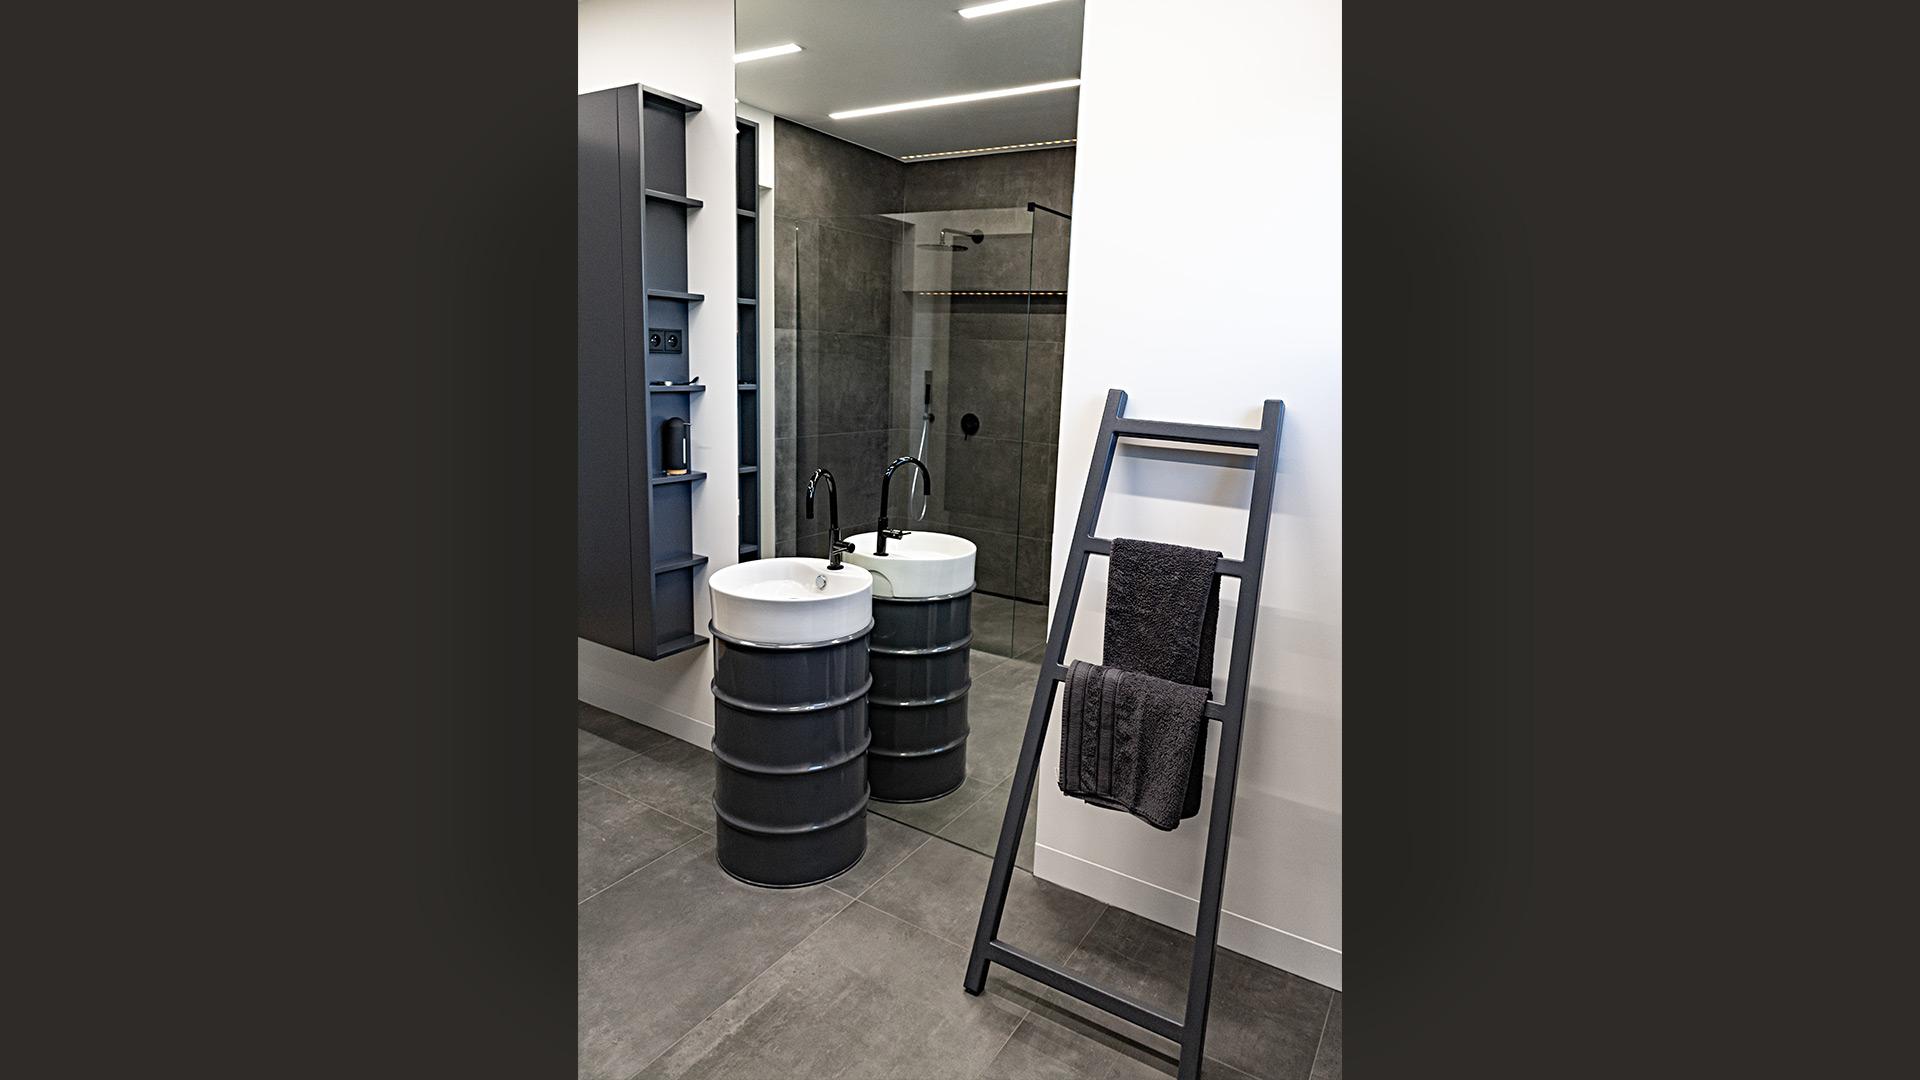 Łazienka dla gości zaaranżowana jest niebanalnie. Umywalka zainstalowana jest na metalowej beczce lakierowanej na czarno. Za nią znajduje się wysokie lustro wklejone w ścianę. Szafa, mimo że jest duża i ciemna, nie przytłacza, bo została powieszona na ścianie.